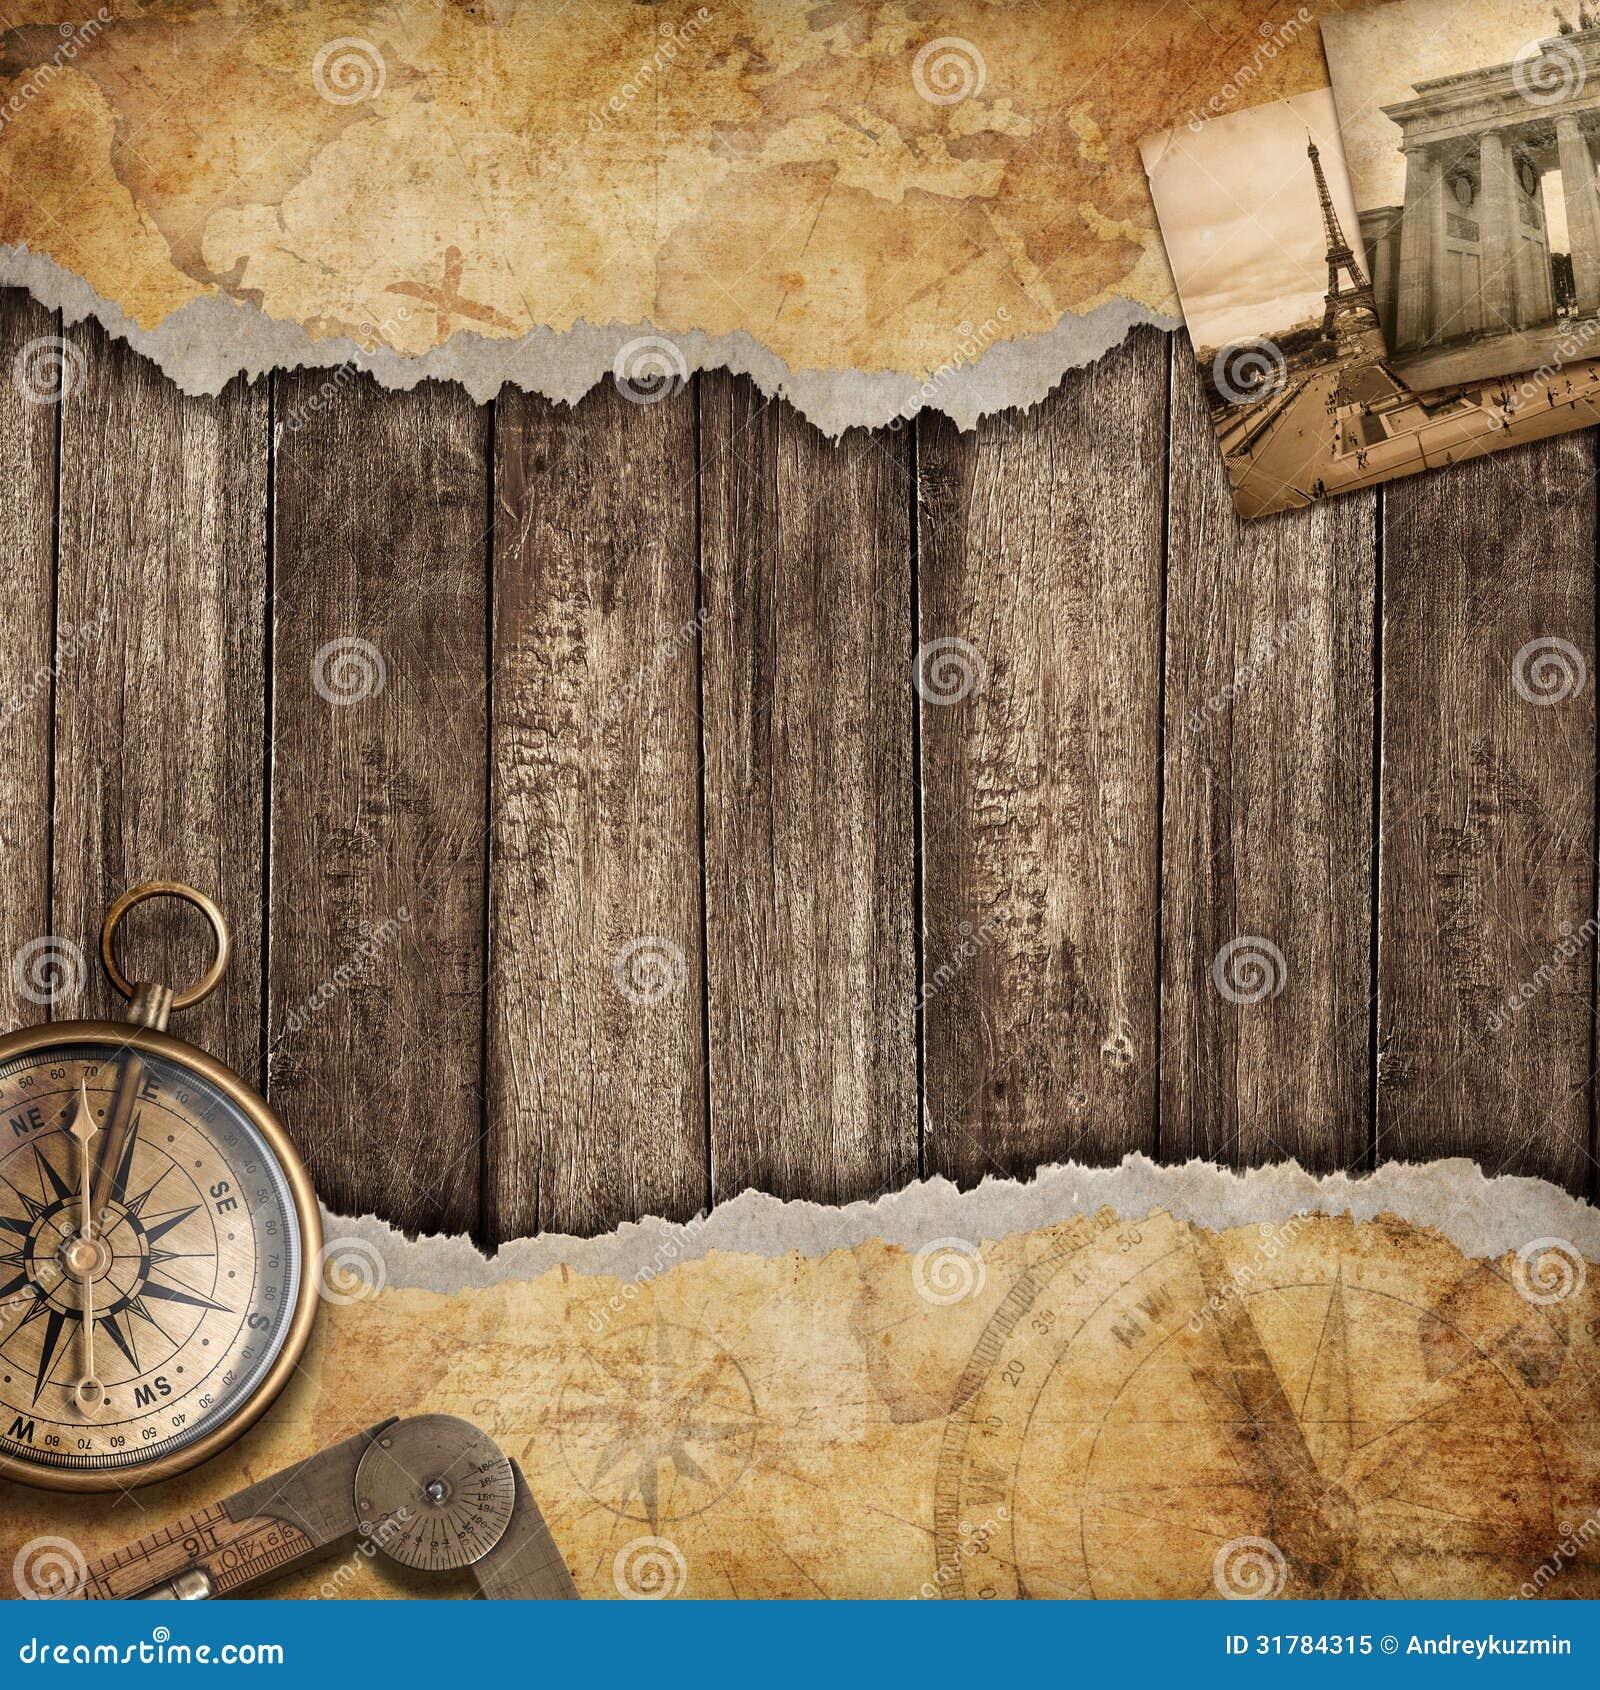 Fundo velho do mapa com compasso. Conceito da aventura ou da descoberta.